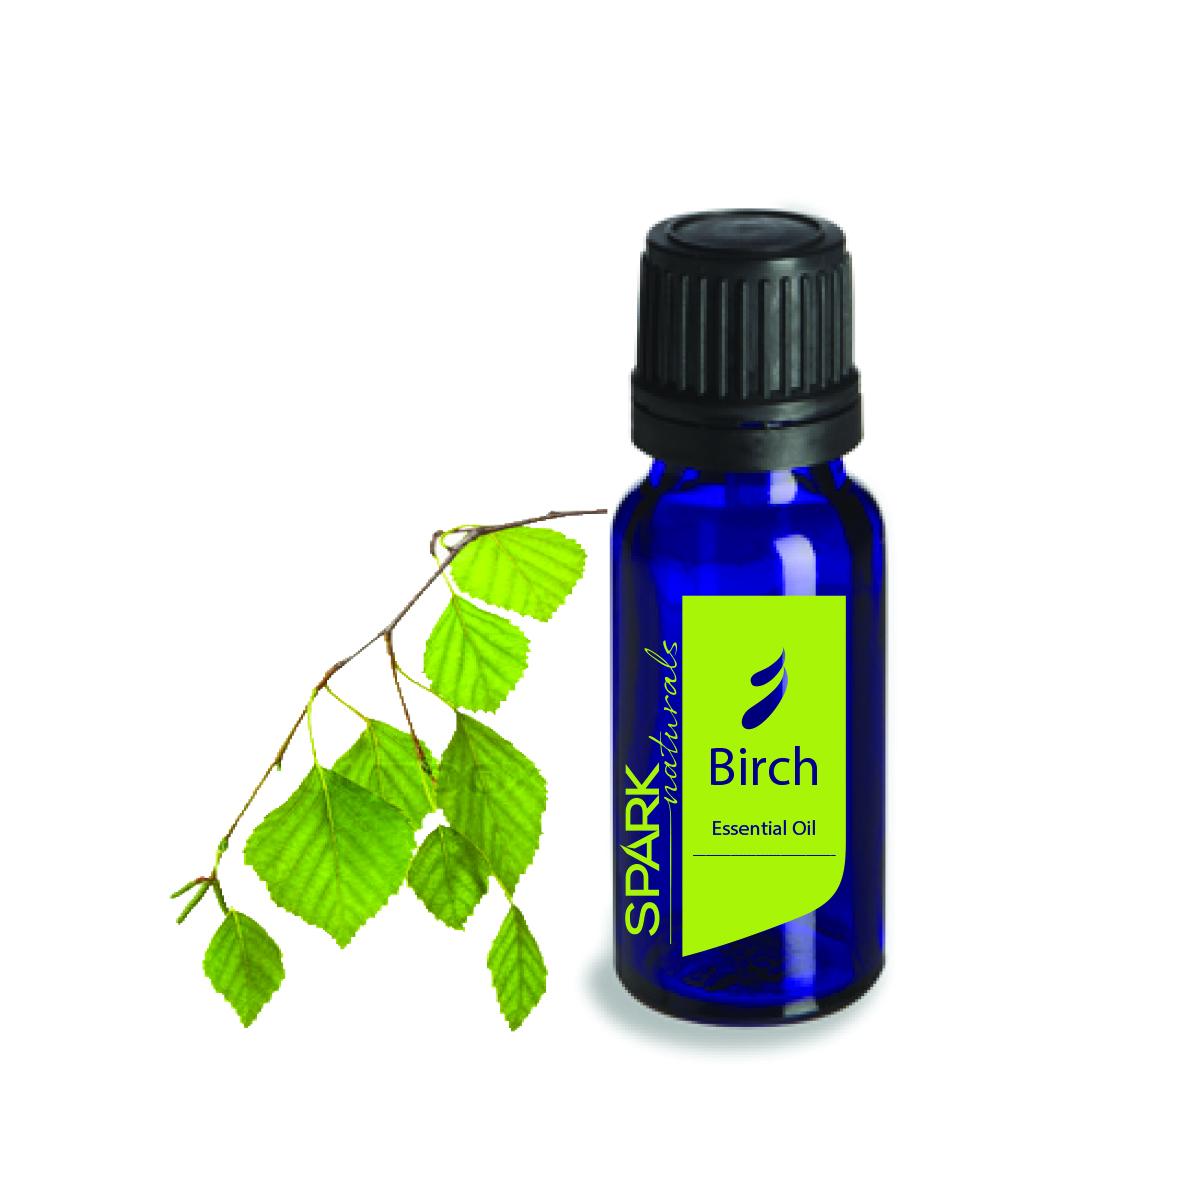 Birch oil uses